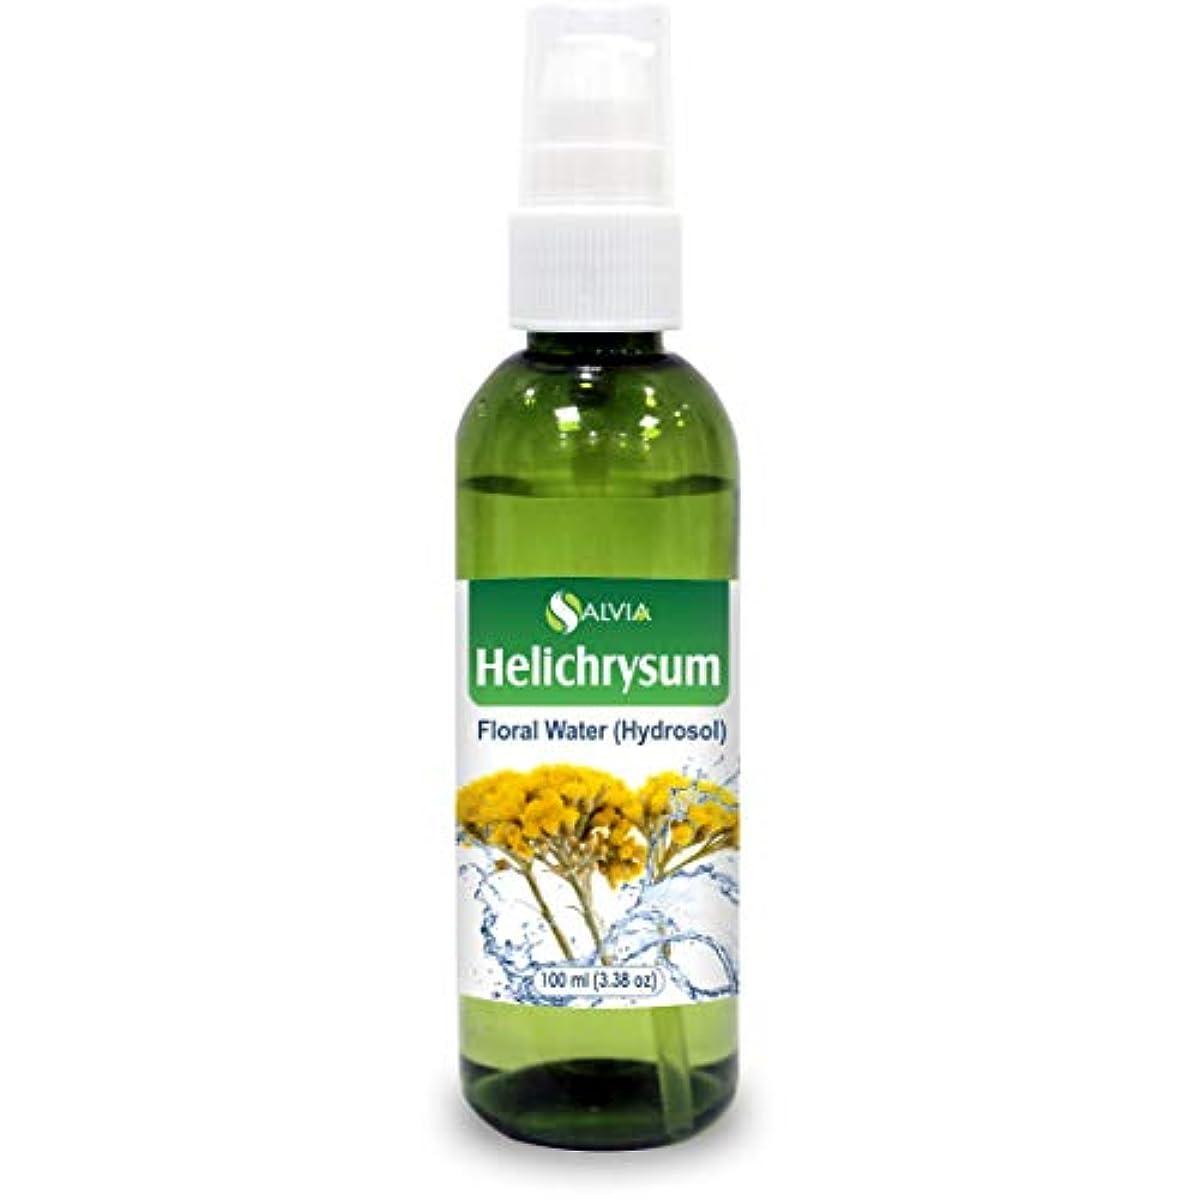 瀬戸際一時解雇するバタフライHelichrysum Floral Water 100ml (Hydrosol) 100% Pure And Natural